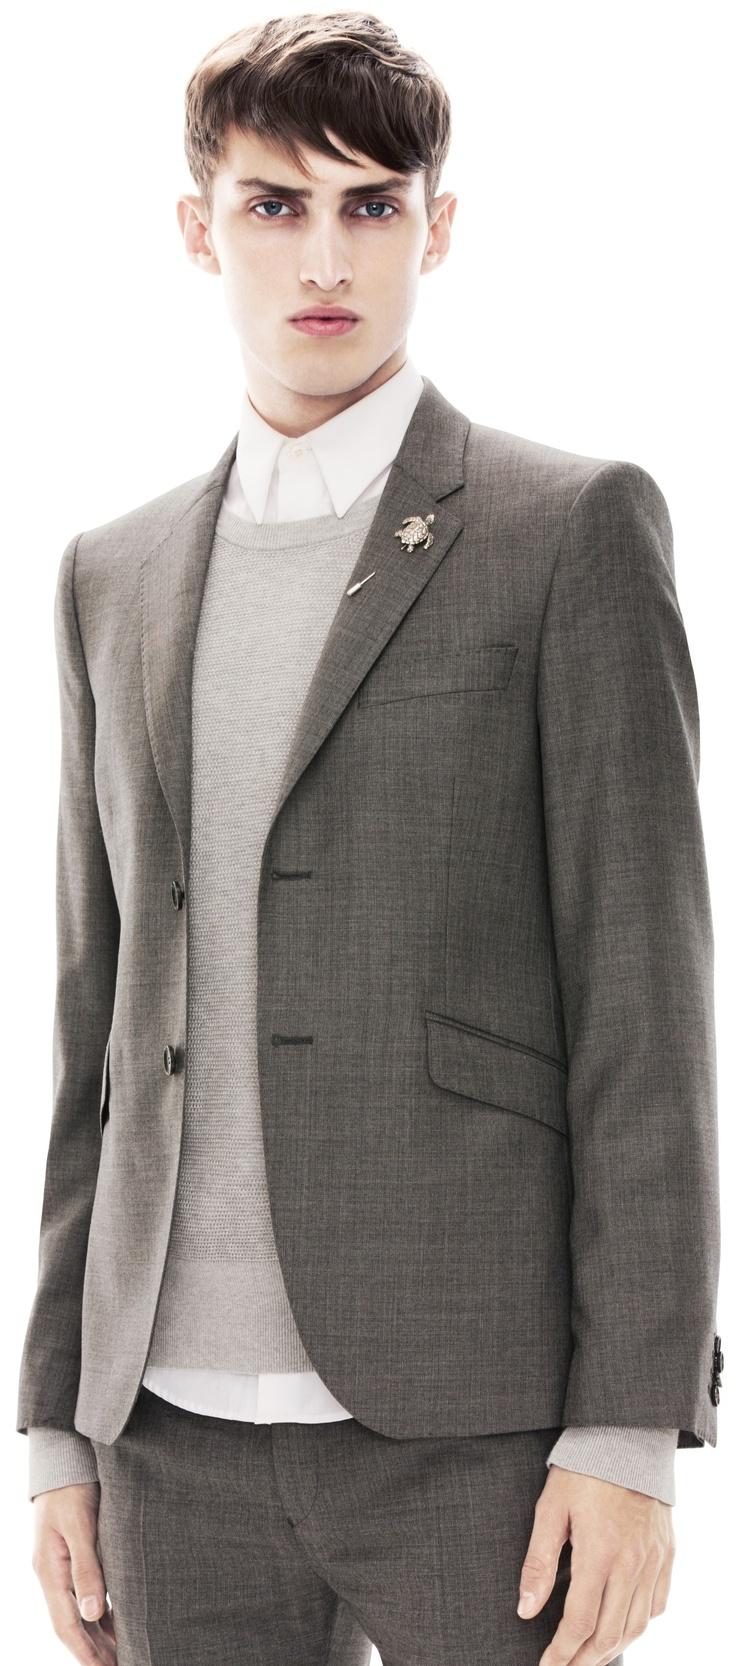 essay on clothes maketh a man